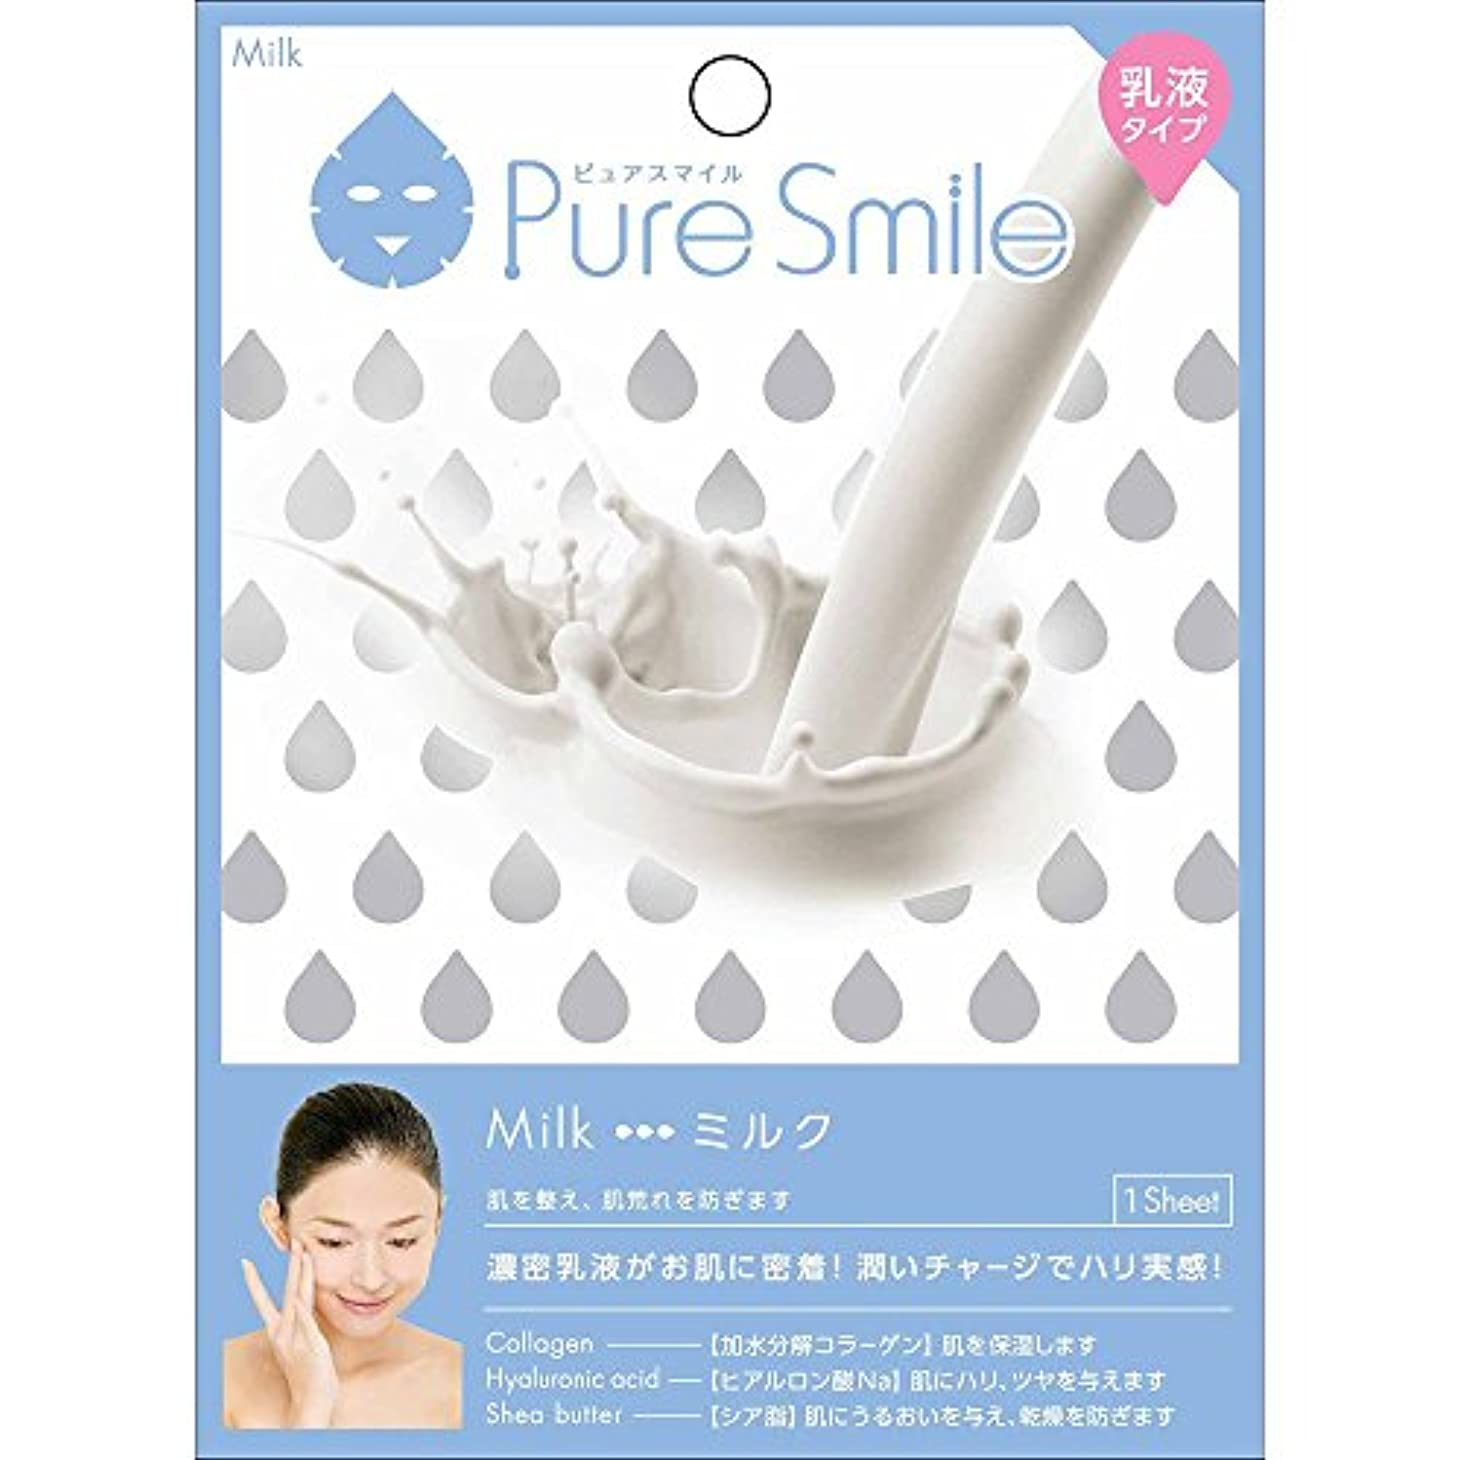 ブルジョン何もないチャップPure Smile(ピュアスマイル) 乳液エッセンスマスク 1 枚 ミルク